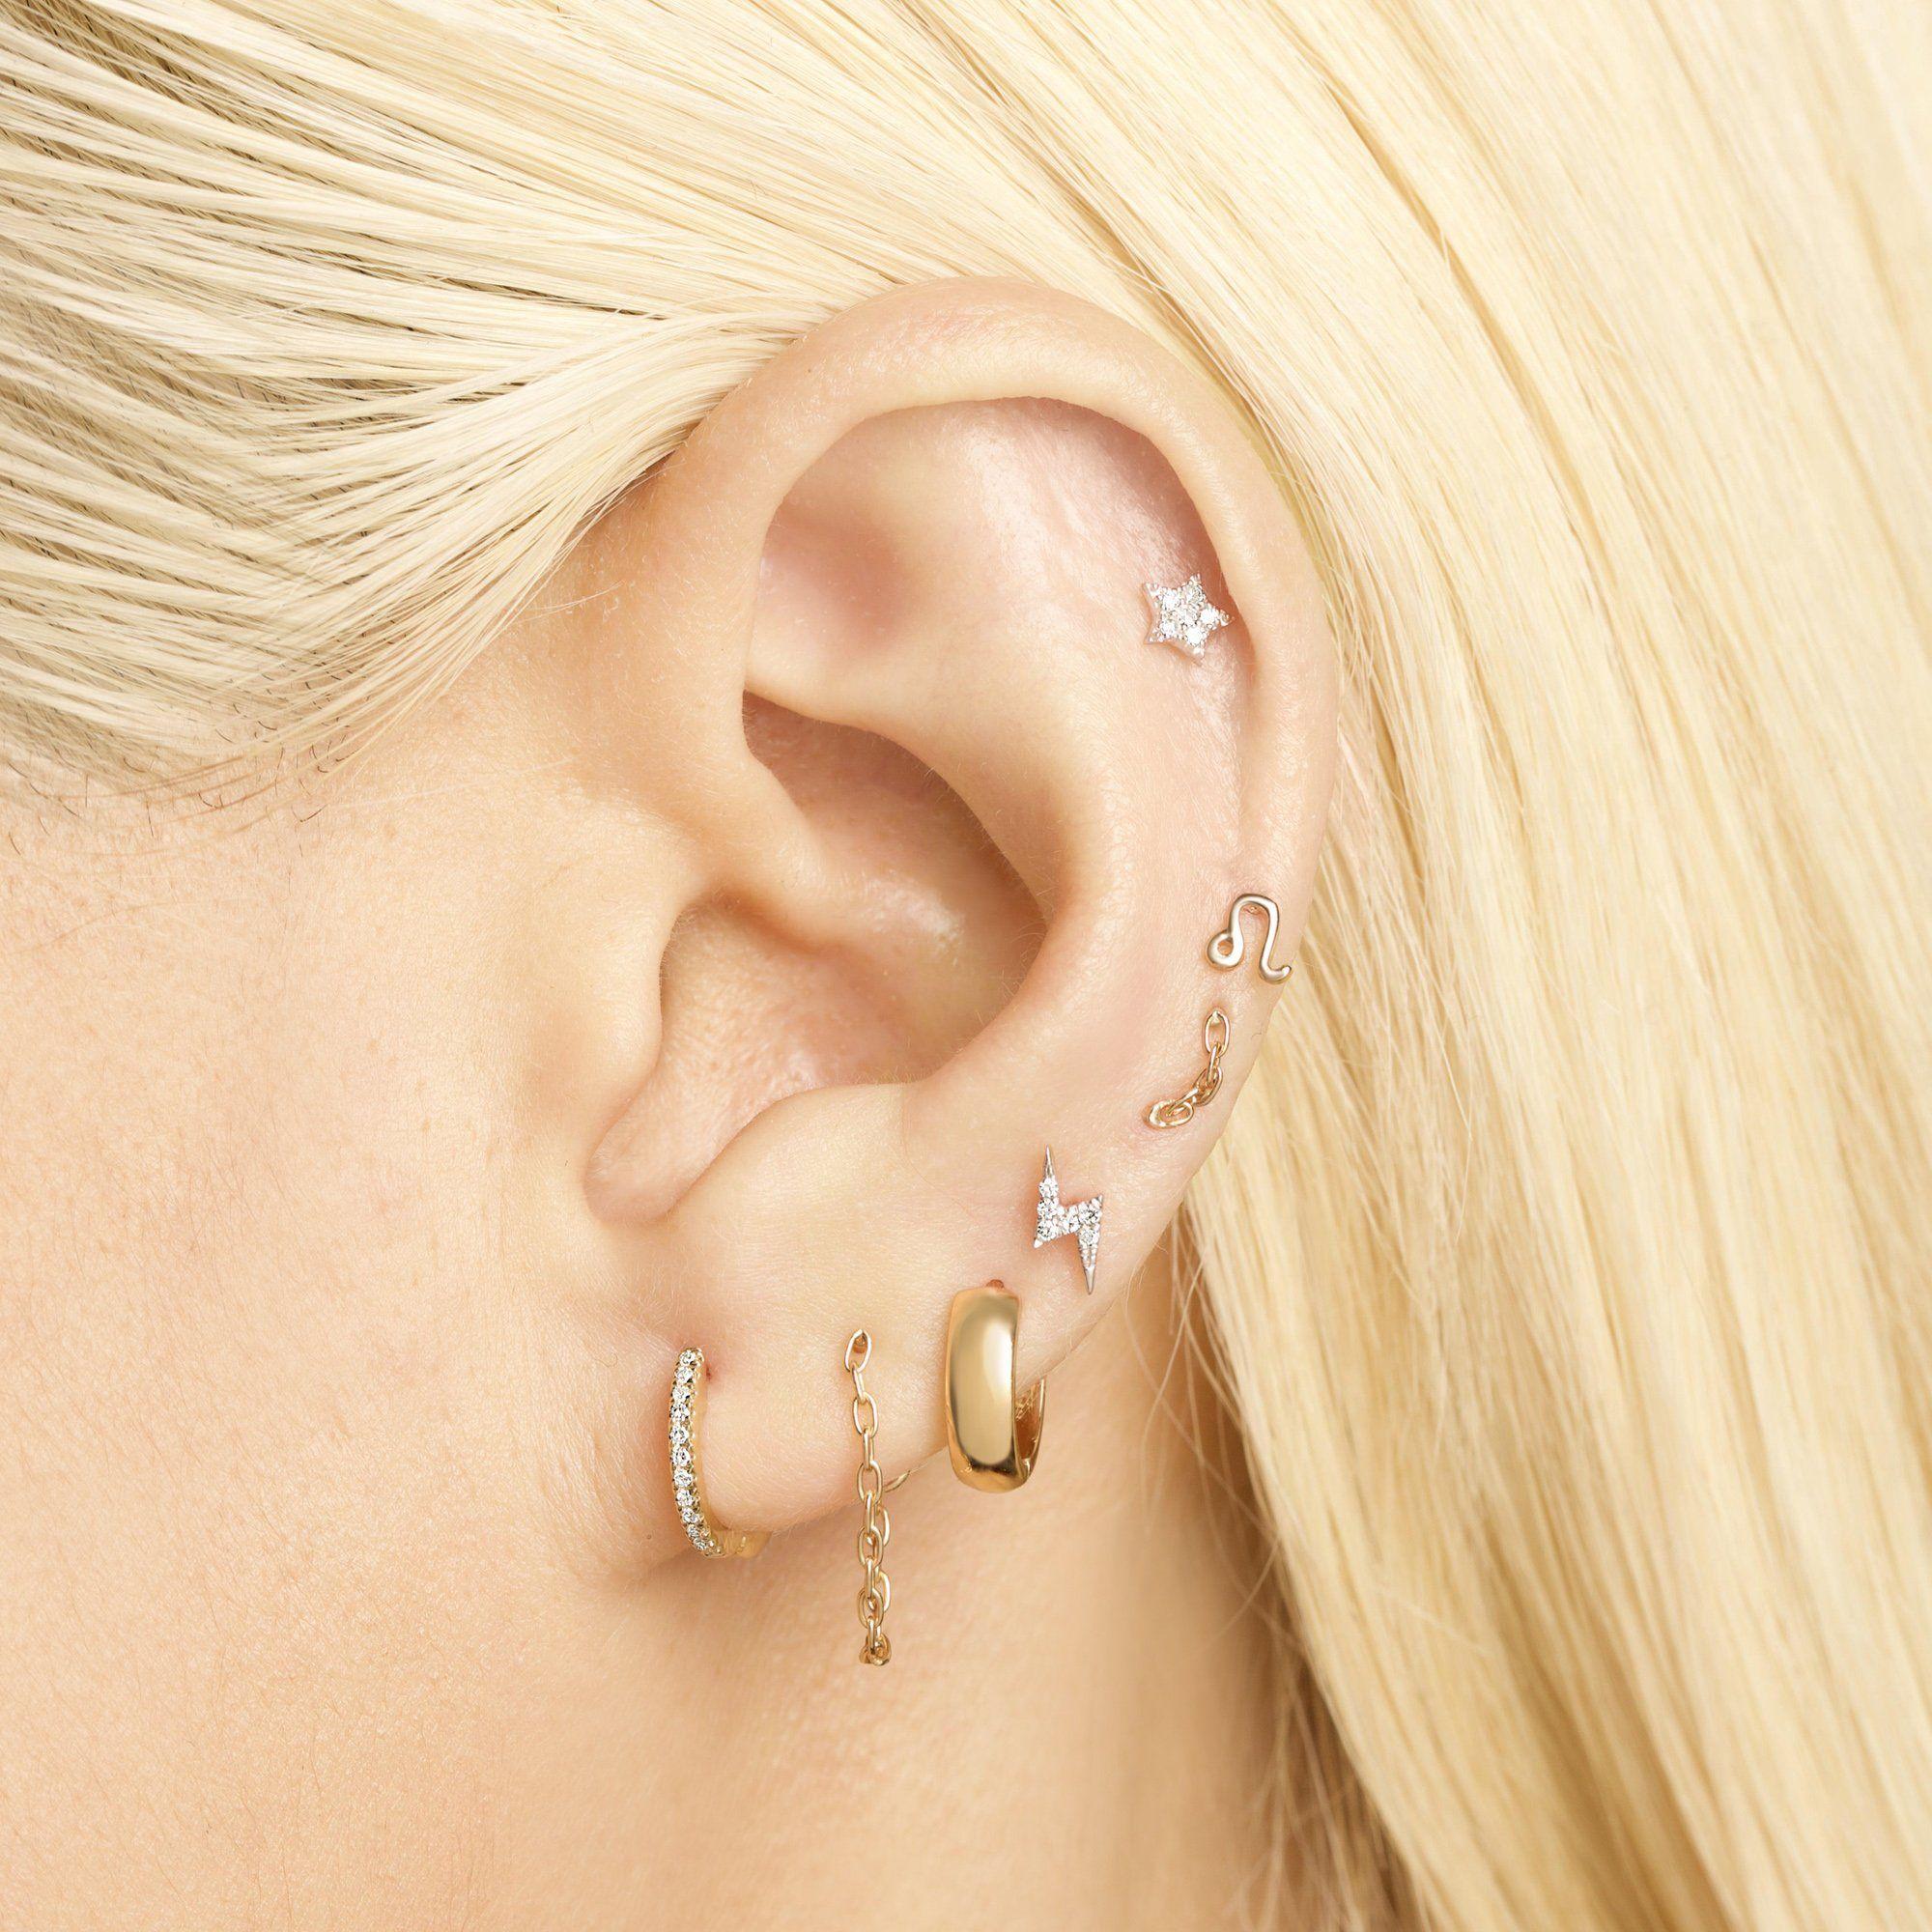 Opal Chain-back Earrings